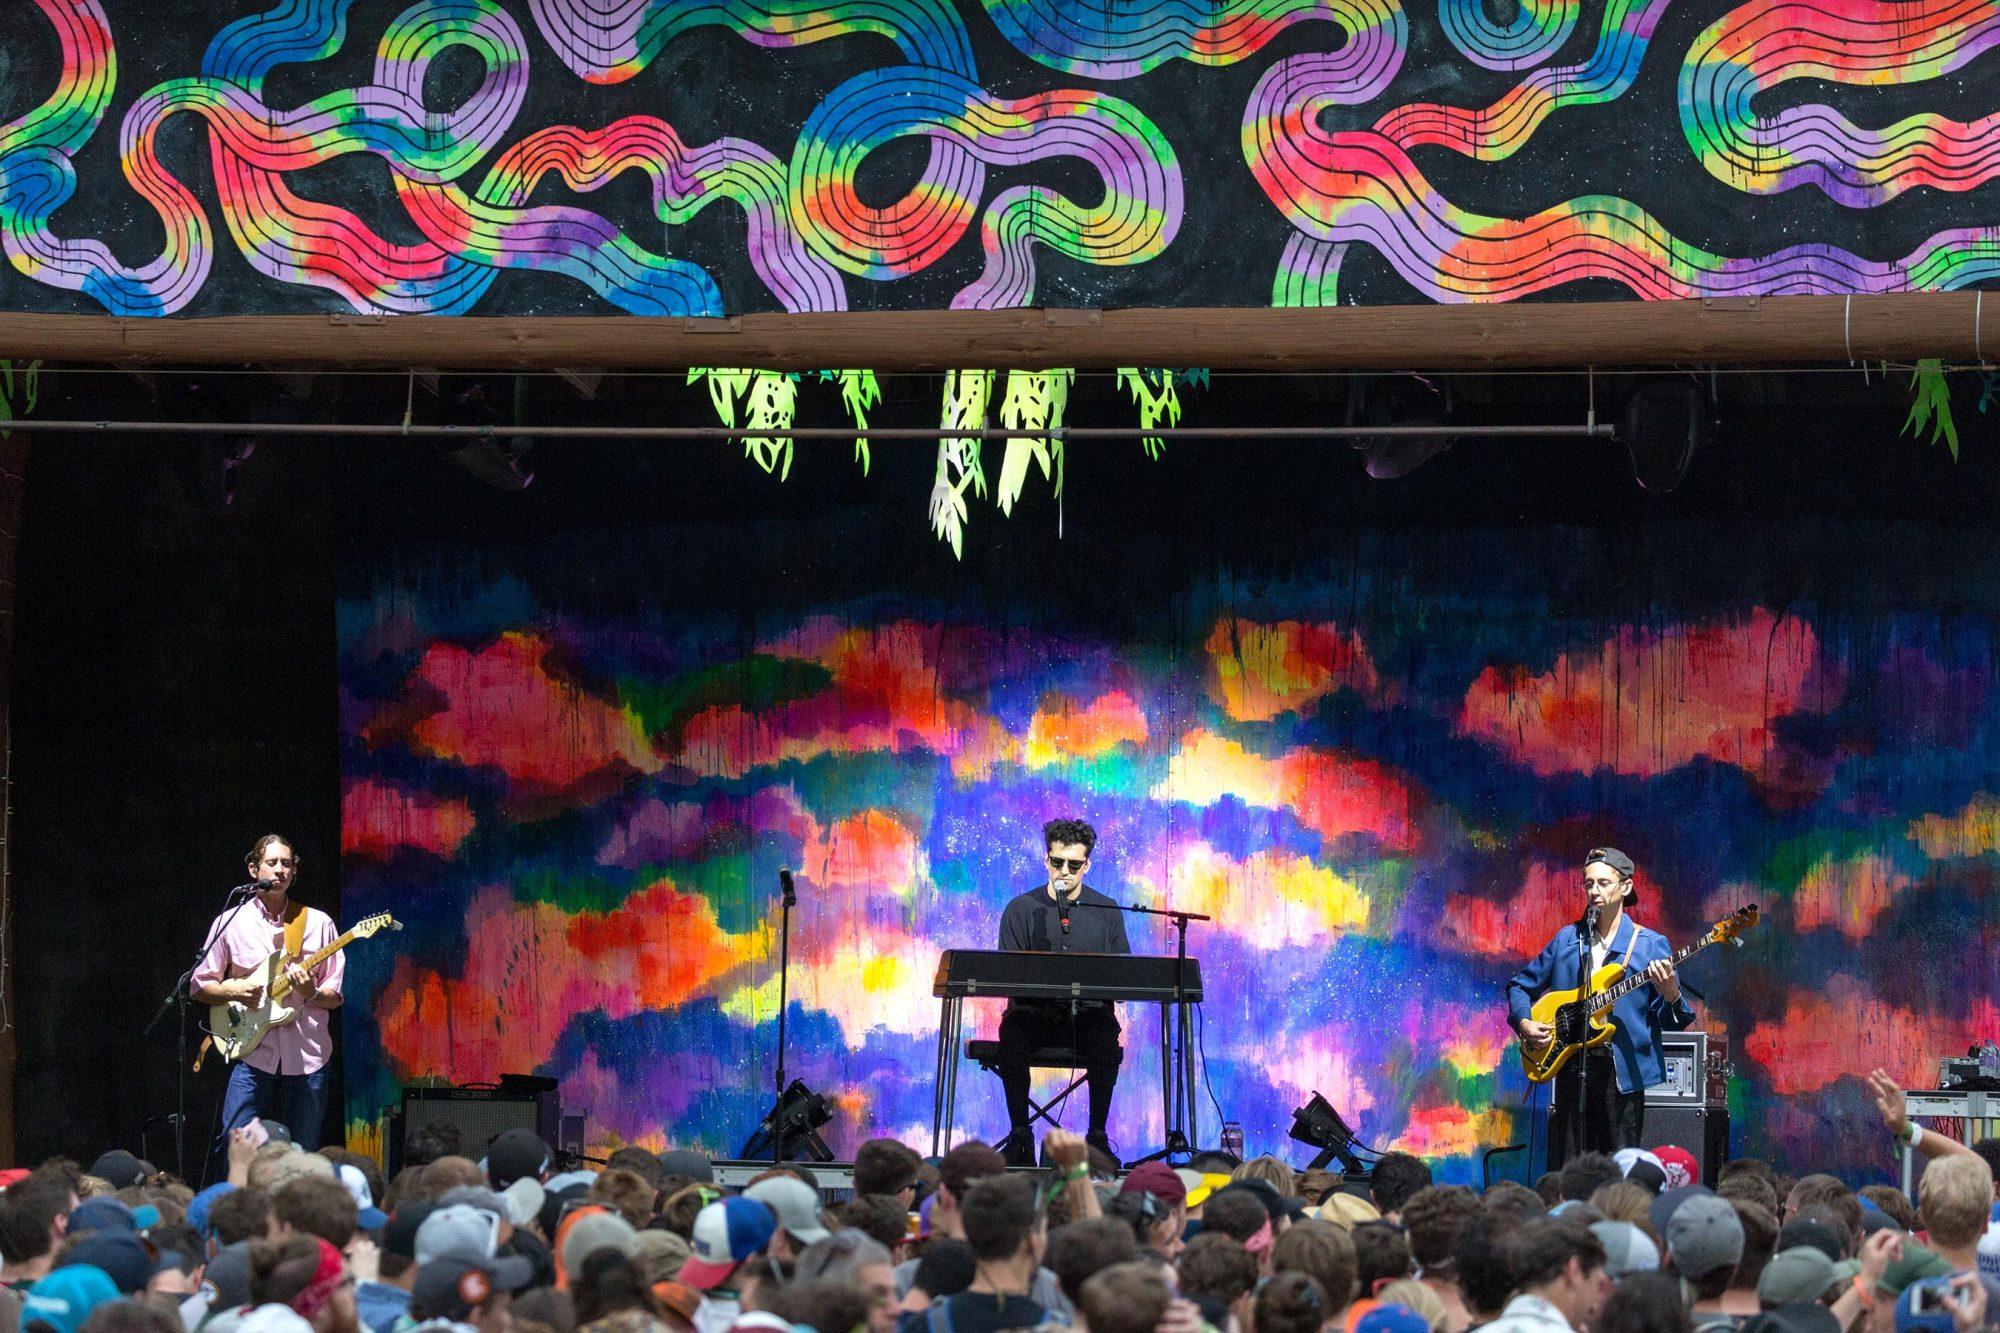 Eaux Claires Music Festival, Wisconsin, USA - 16 Jun 2017